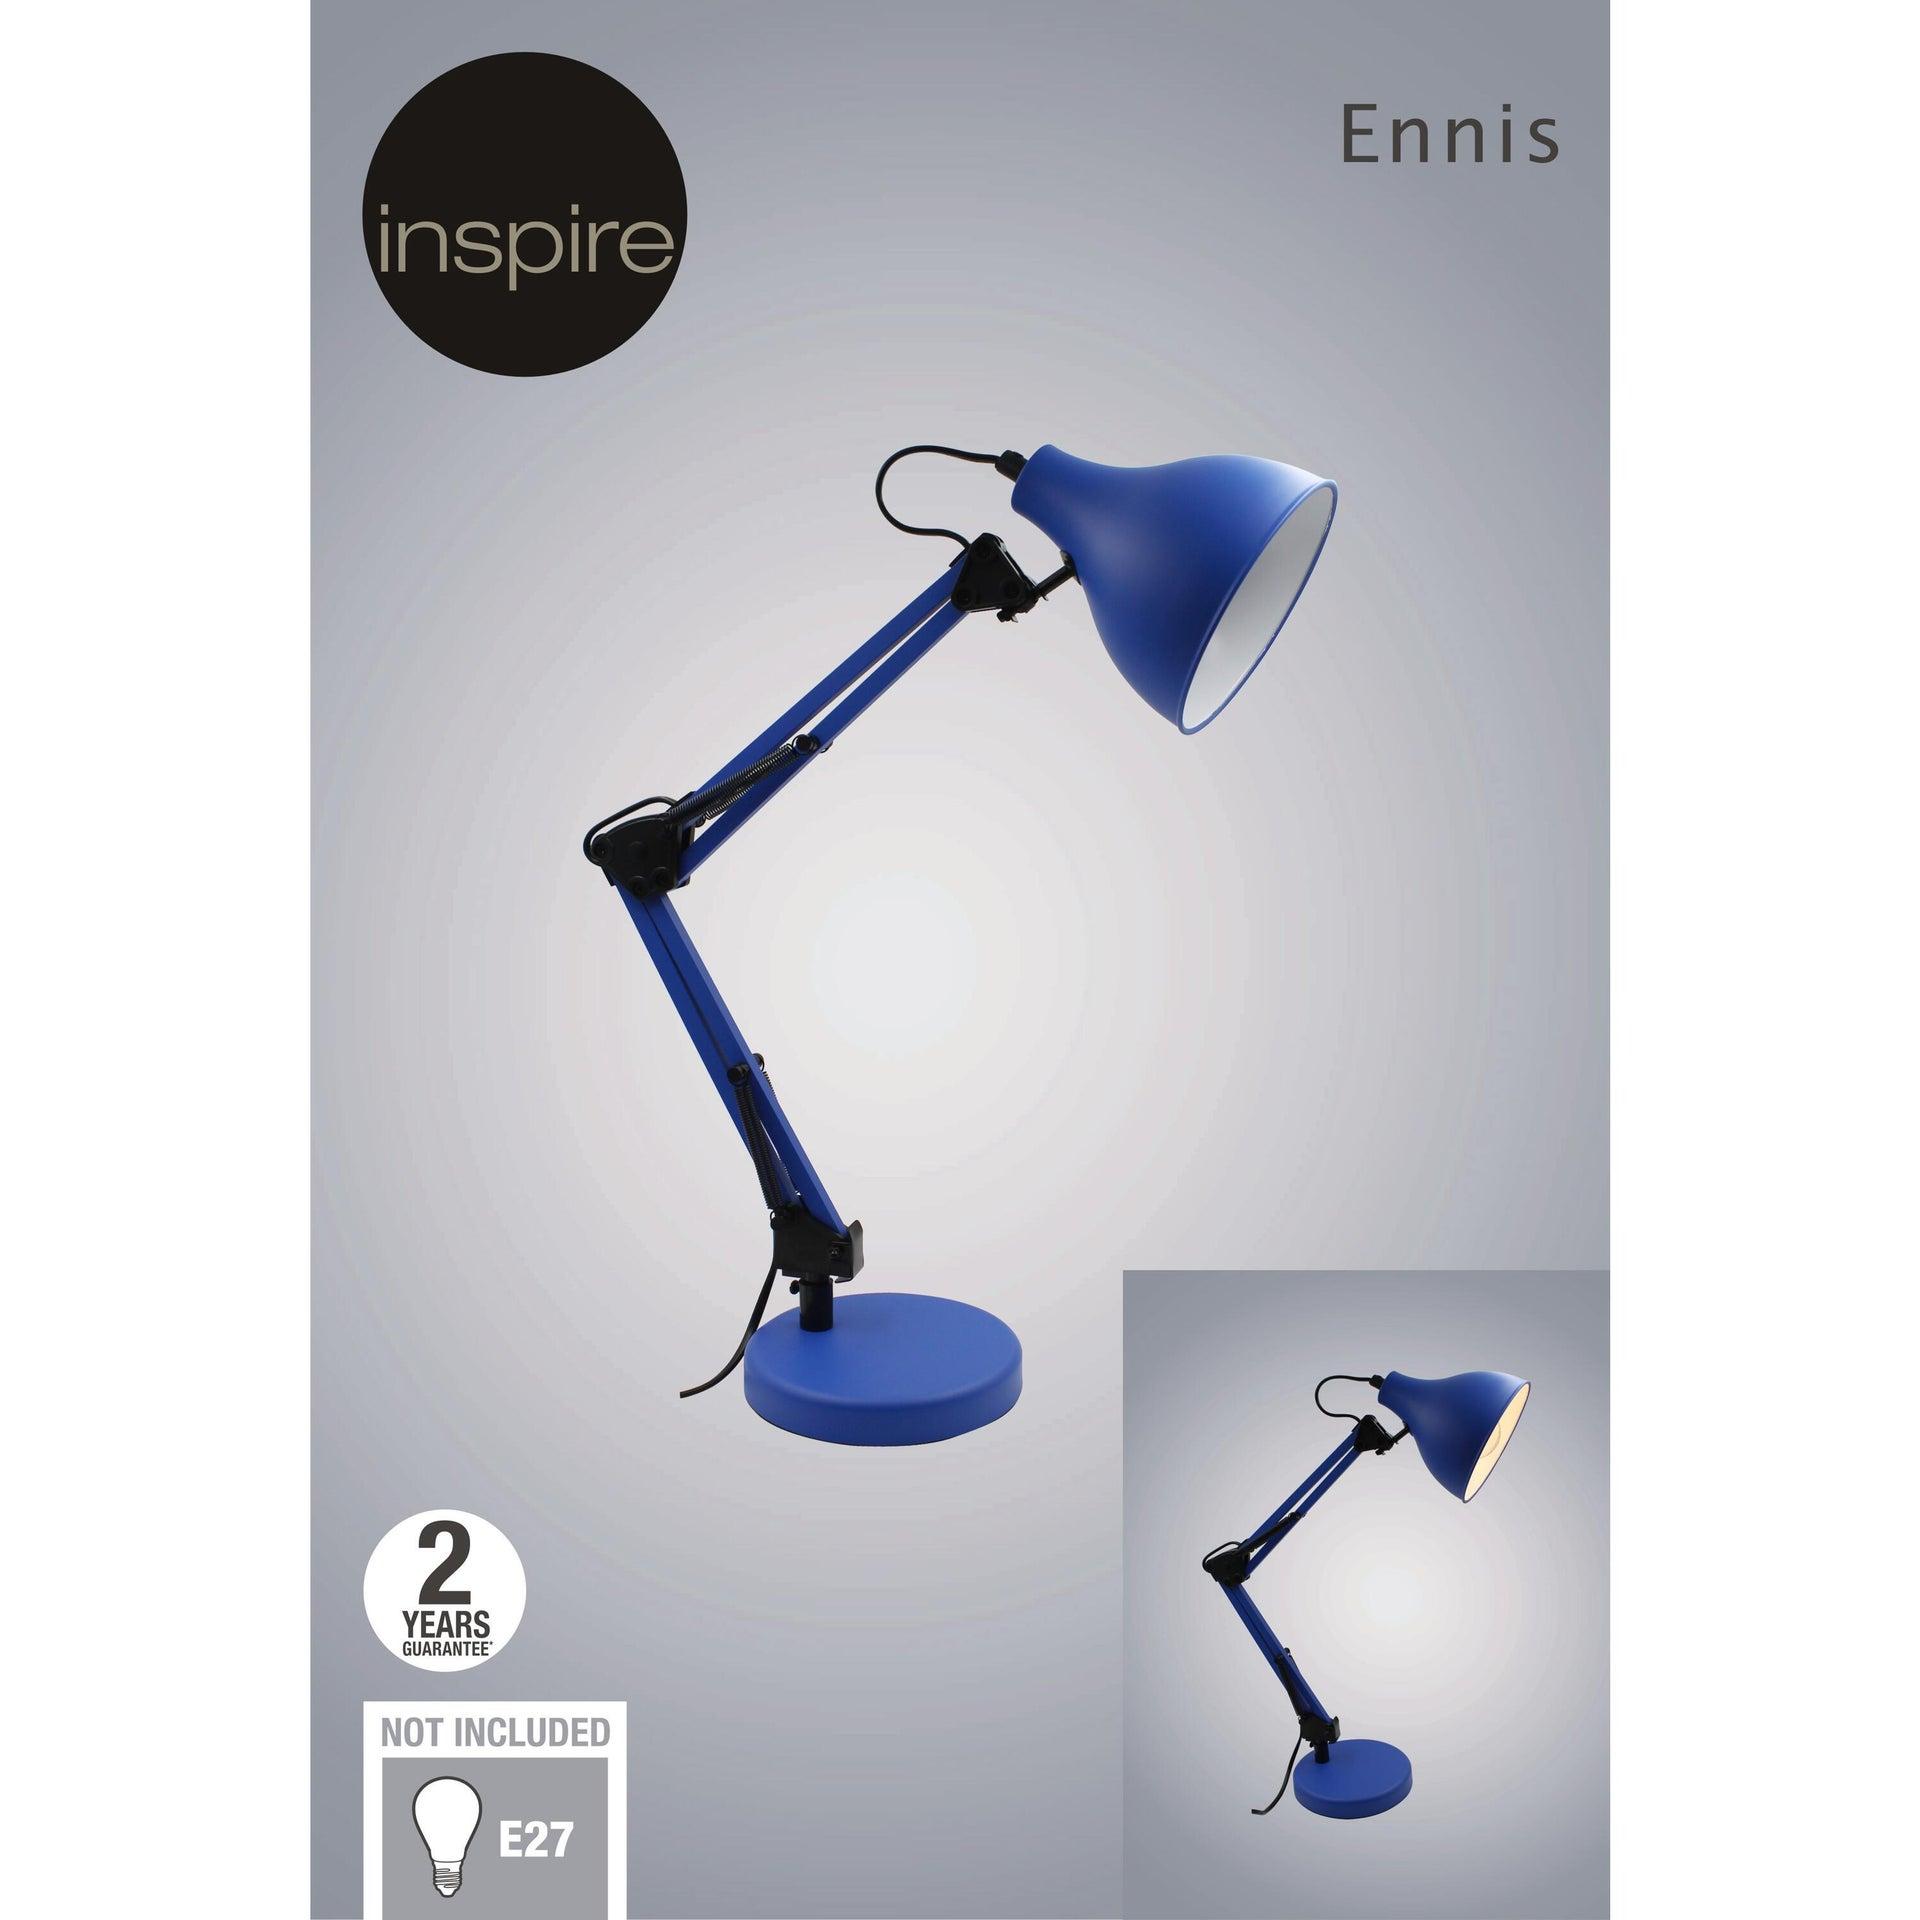 Lampada da scrivania Pop Ennis blu , in metallo, INSPIRE - 5